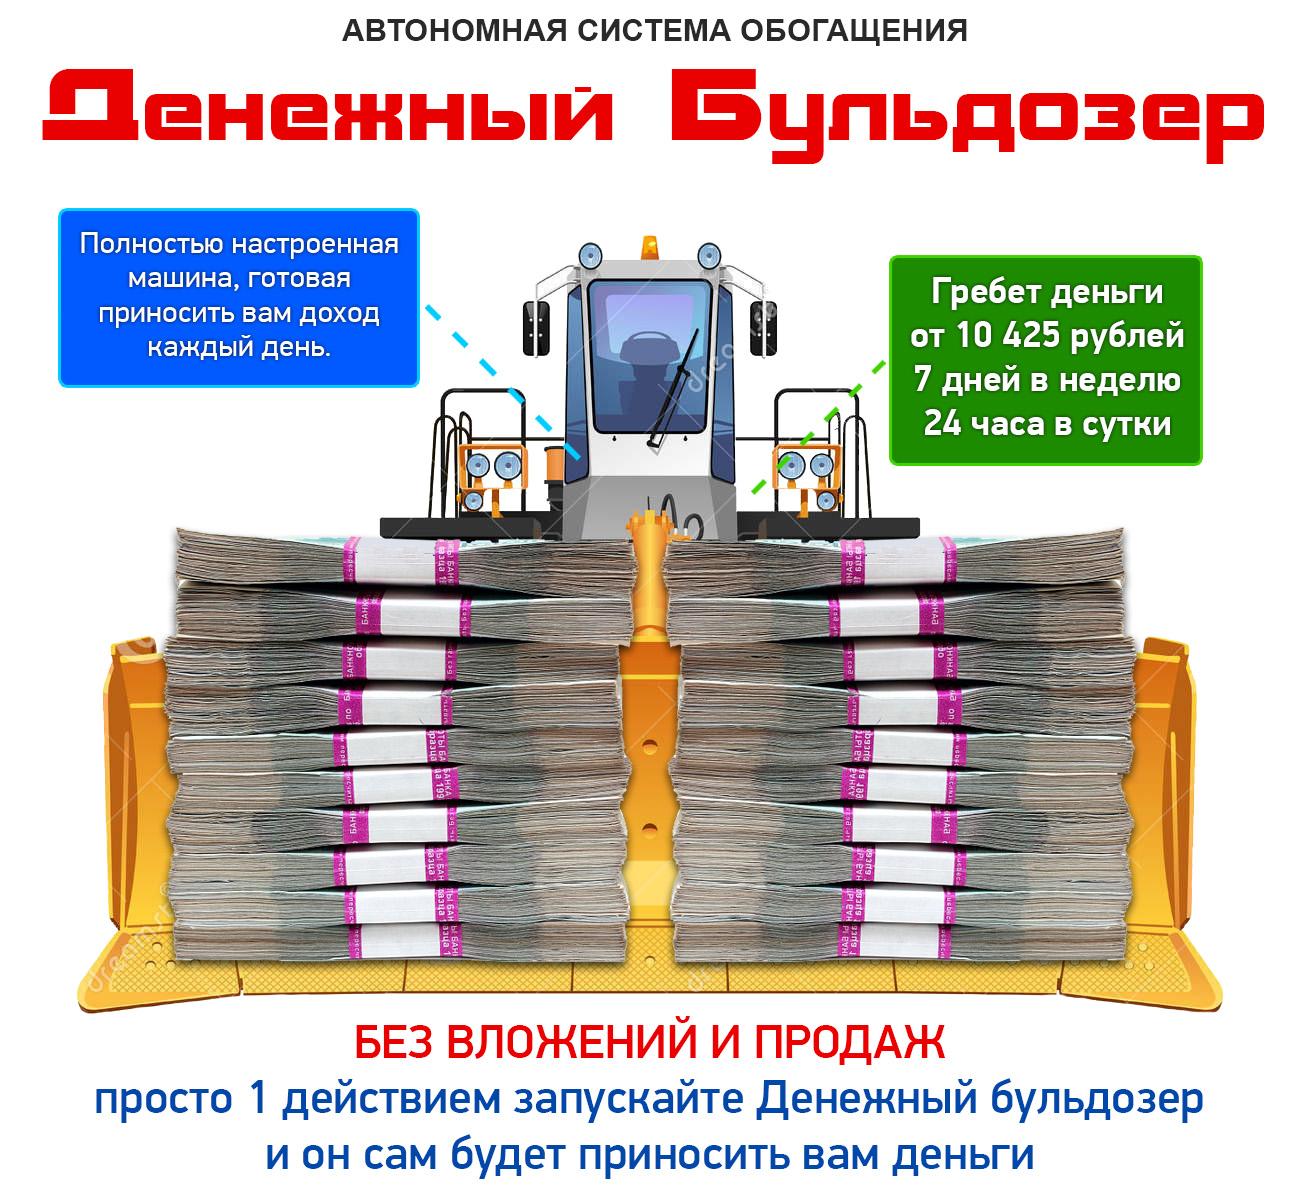 http://u1.platformalp.ru/39871d0cee6ab3debf7e05cd7a6d5cf4/a52a26e8438434e0dd0f8a017b9218aa.jpg